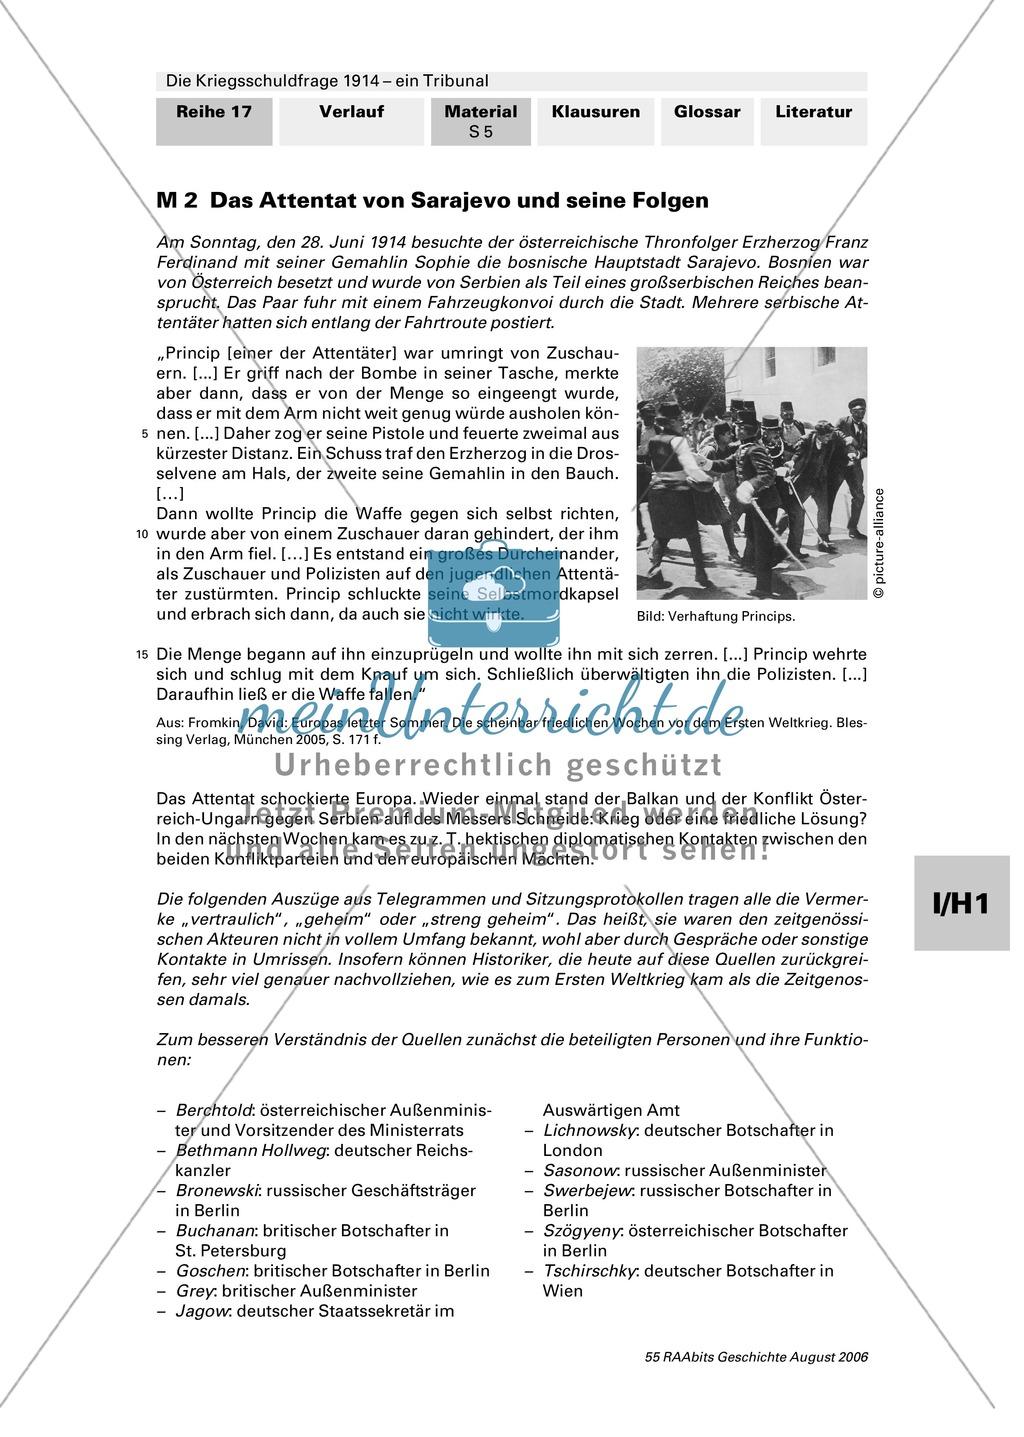 Die Kriegsschuldfrage 1914 - ein Tribunal: Vorbereitung des Rollenspiels mithilfe von Quellen (Depeschen, Telegramme, Dossiers) + Einbettung in den historischen Kontext Preview 0